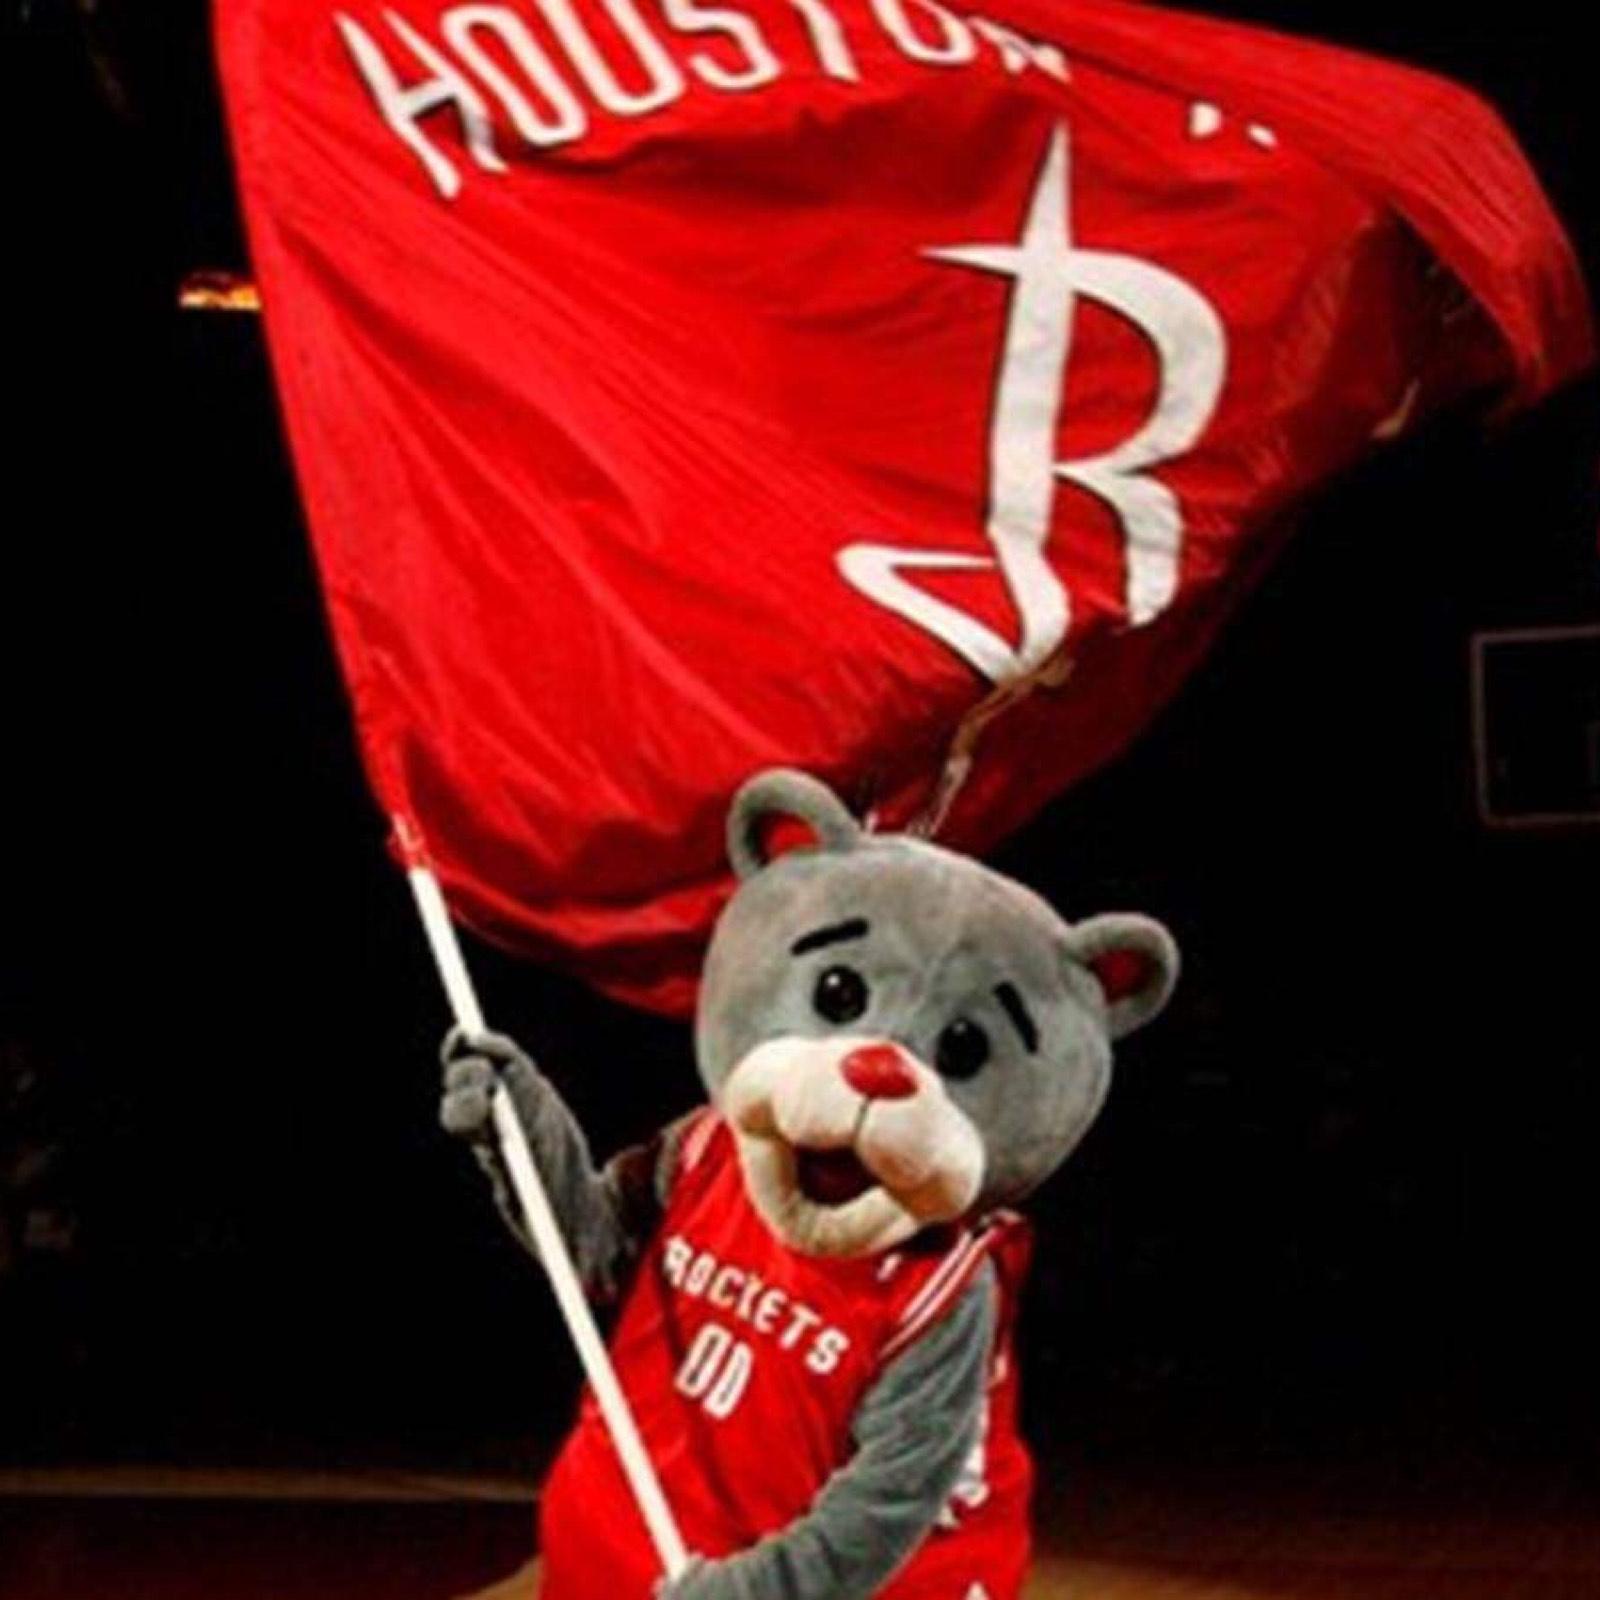 休斯顿吉祥物火箭熊